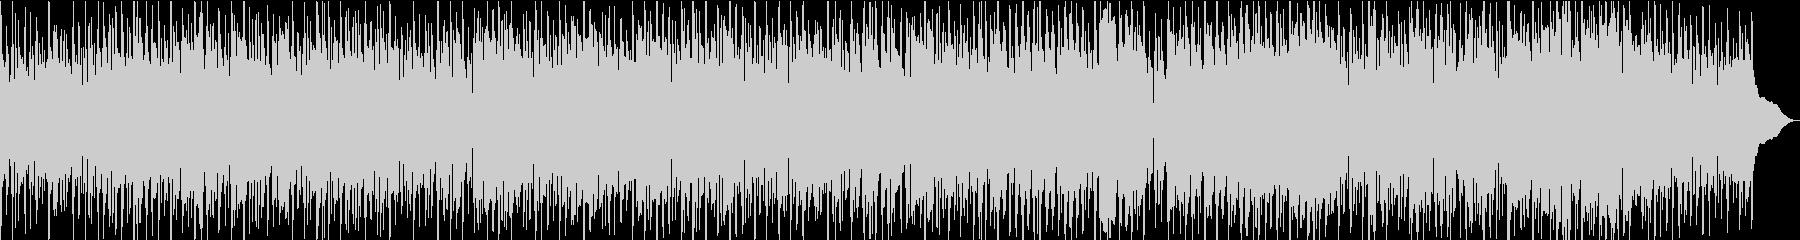 生音・生演奏・渋めのアシッドジャズの未再生の波形